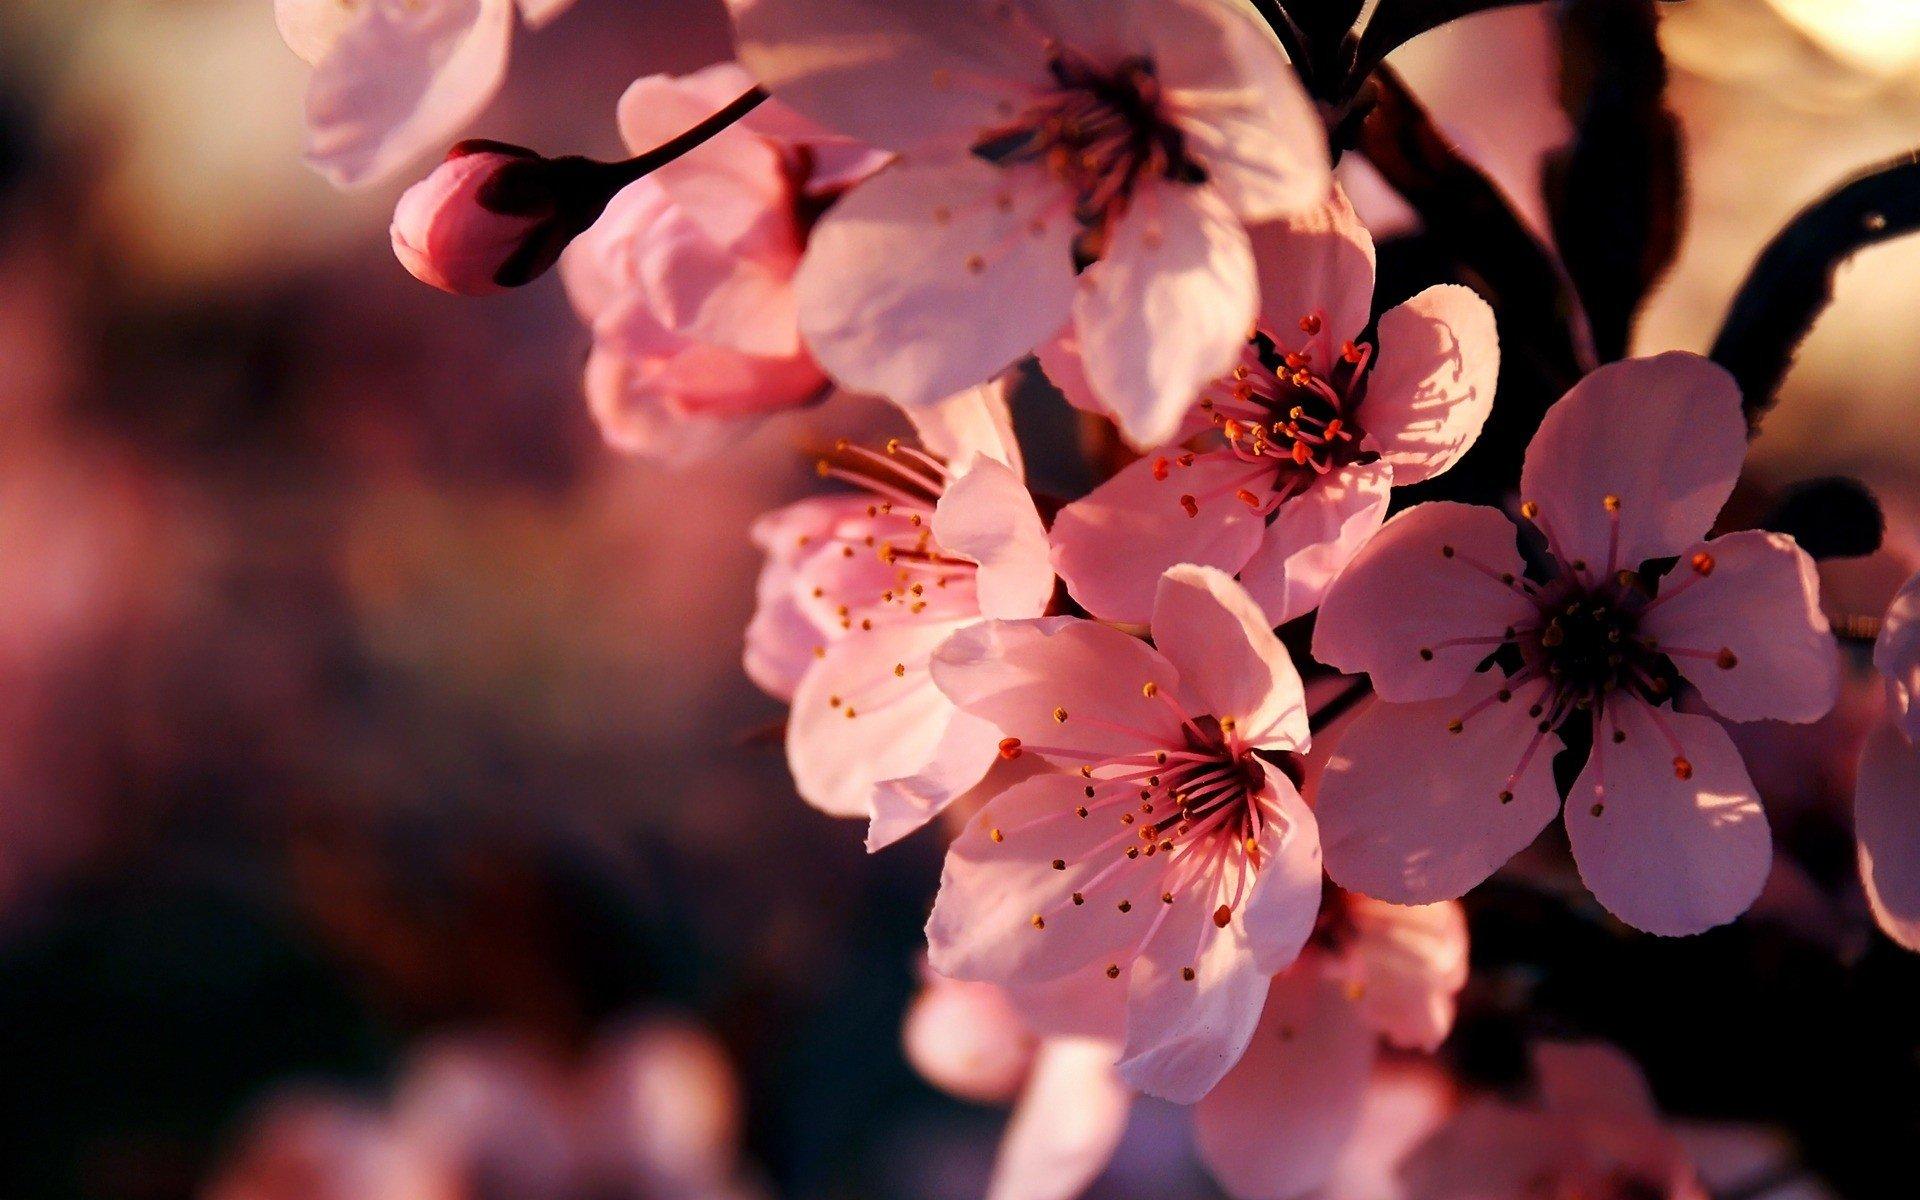 Цветение сакуры фото высокого разрешения - King Sport 4